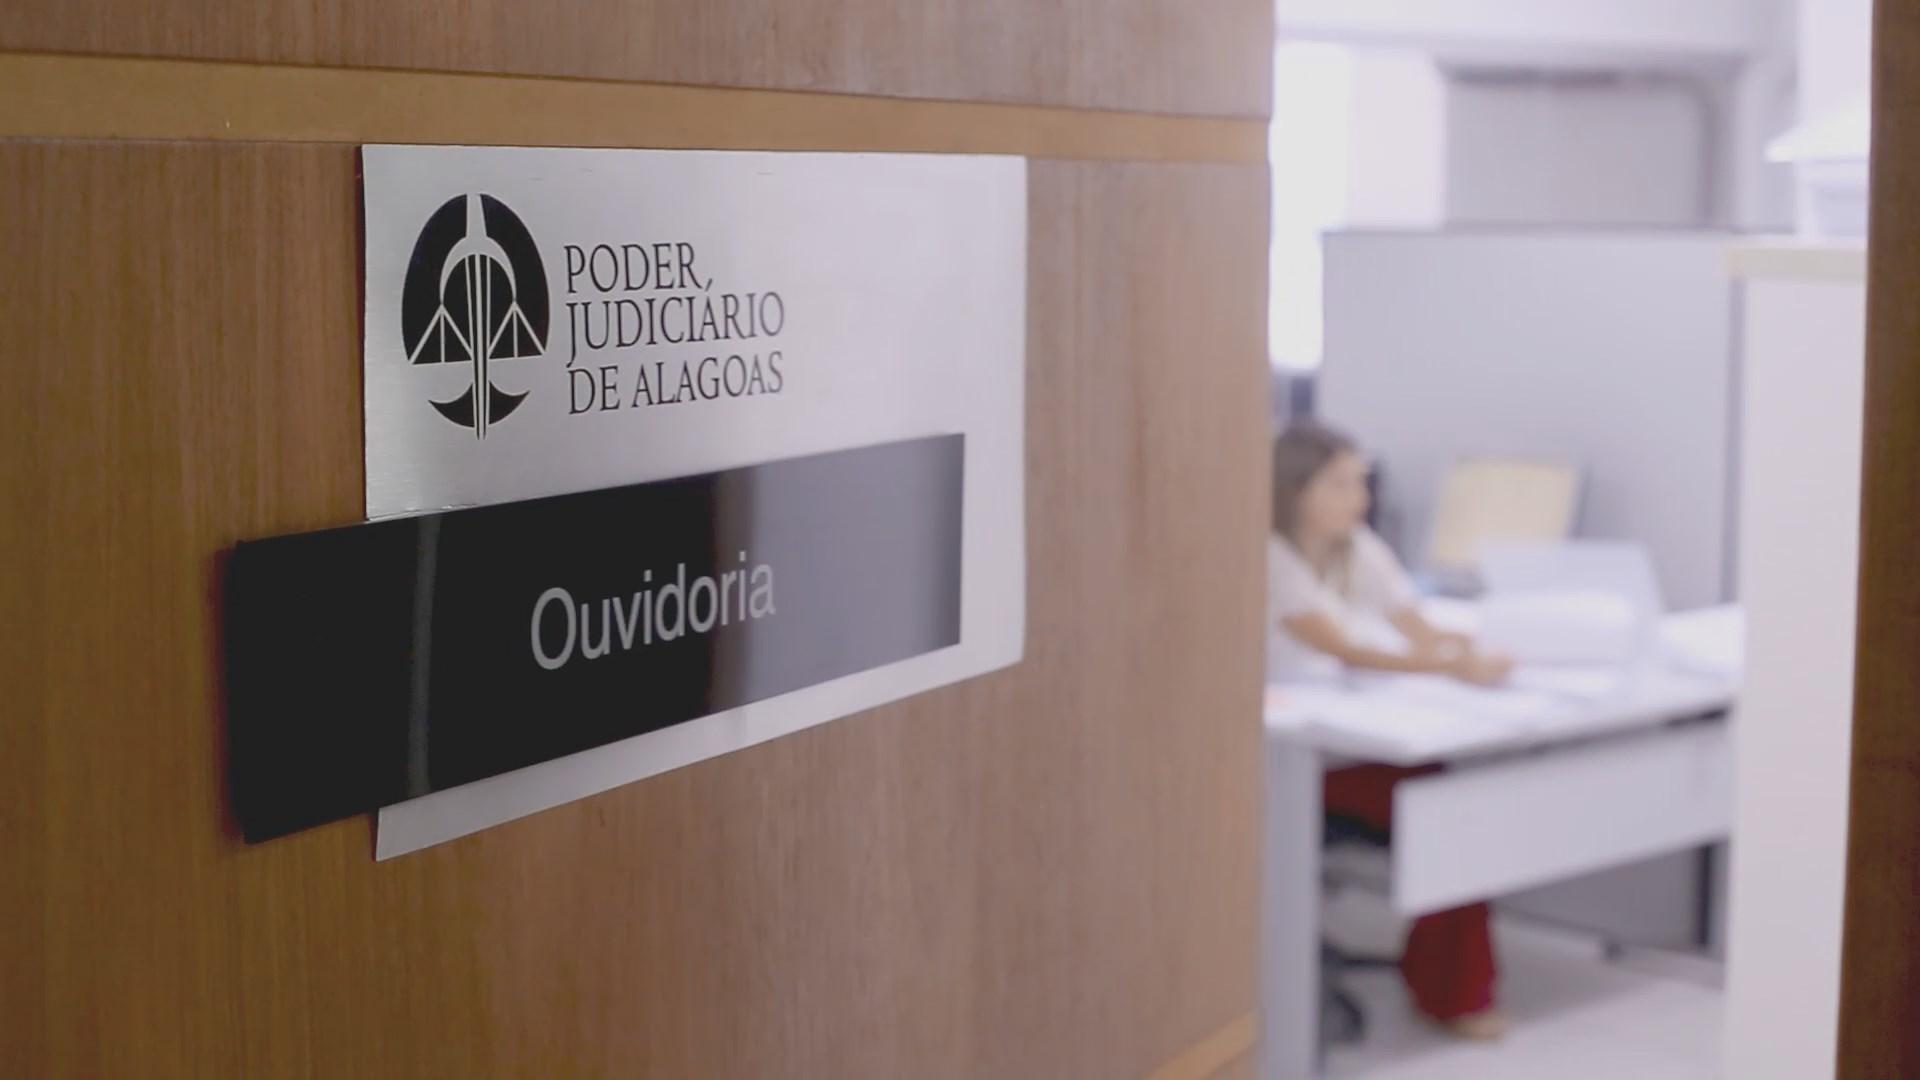 Ouvidoria: canal da Justiça alagoana em diálogo com a sociedade